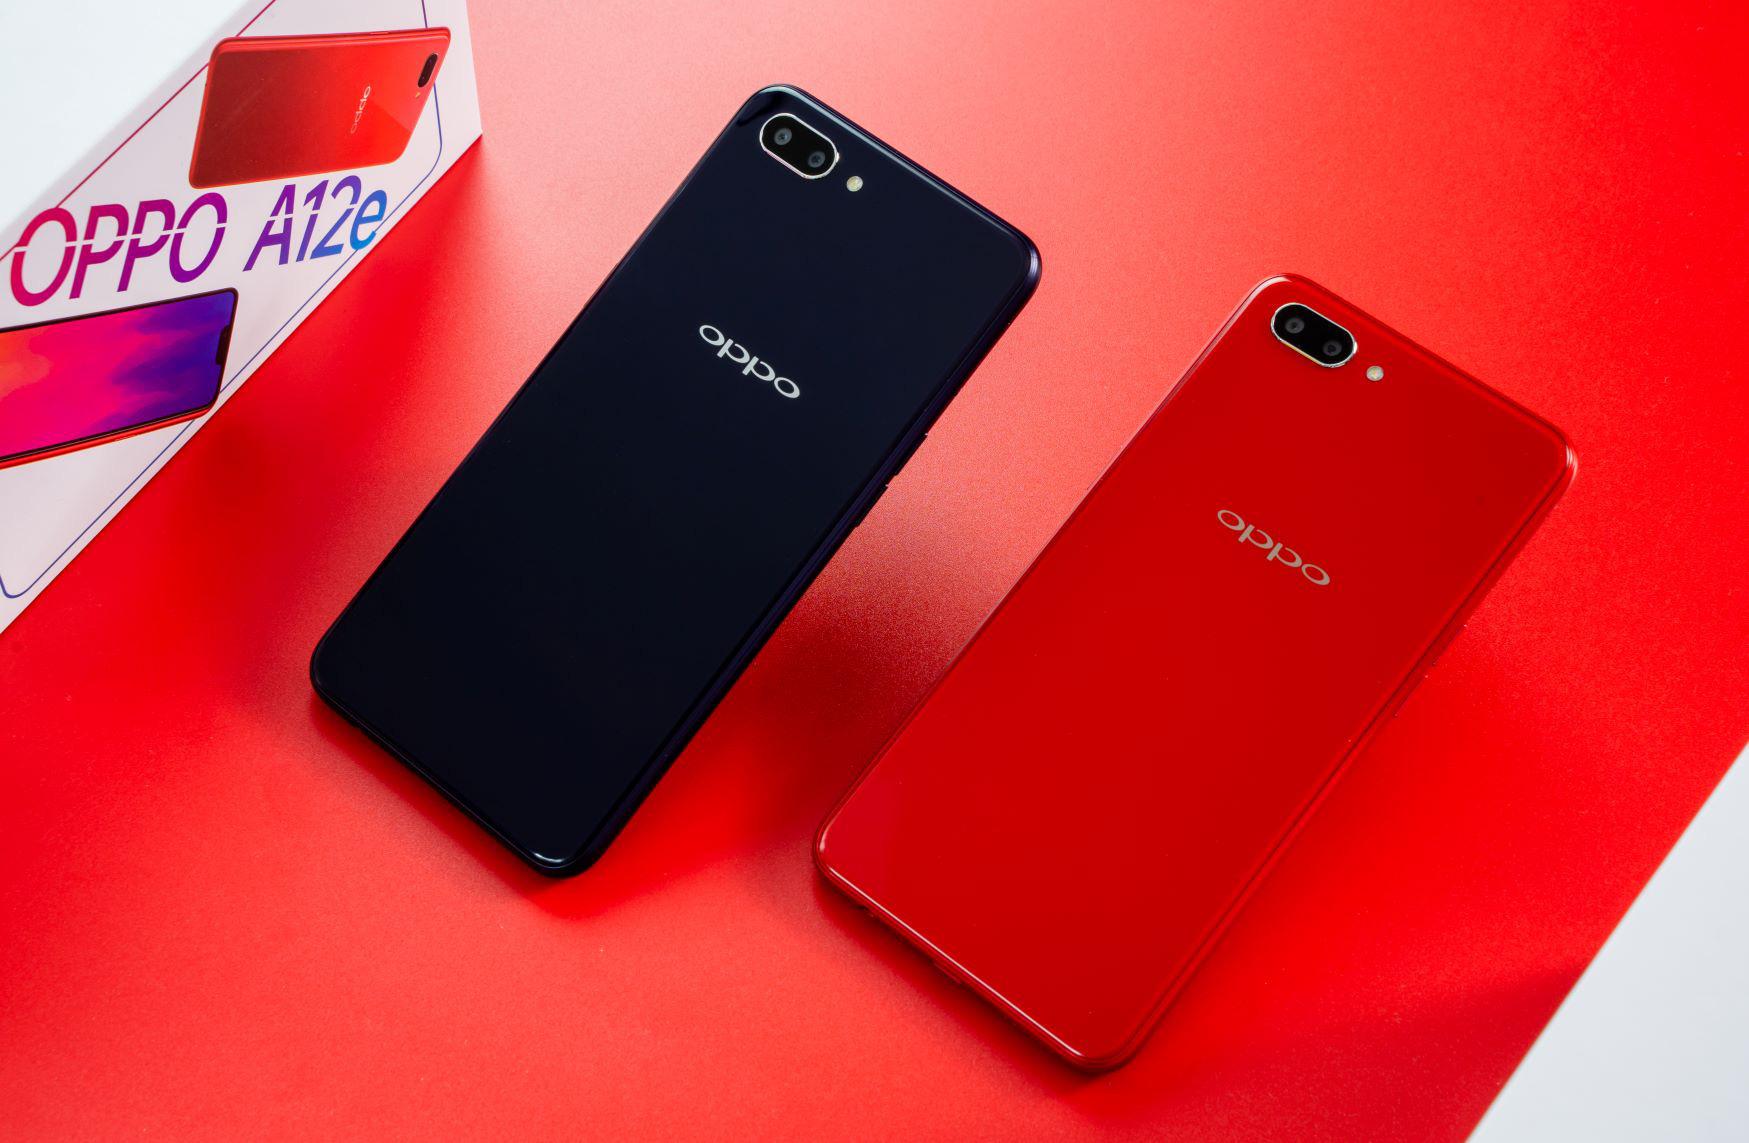 Thị trường điện thoại dưới 3 triệu thêm tân binh mới từ OPPO A12e: Pin lâu hơn, camera kép - Ảnh 1.